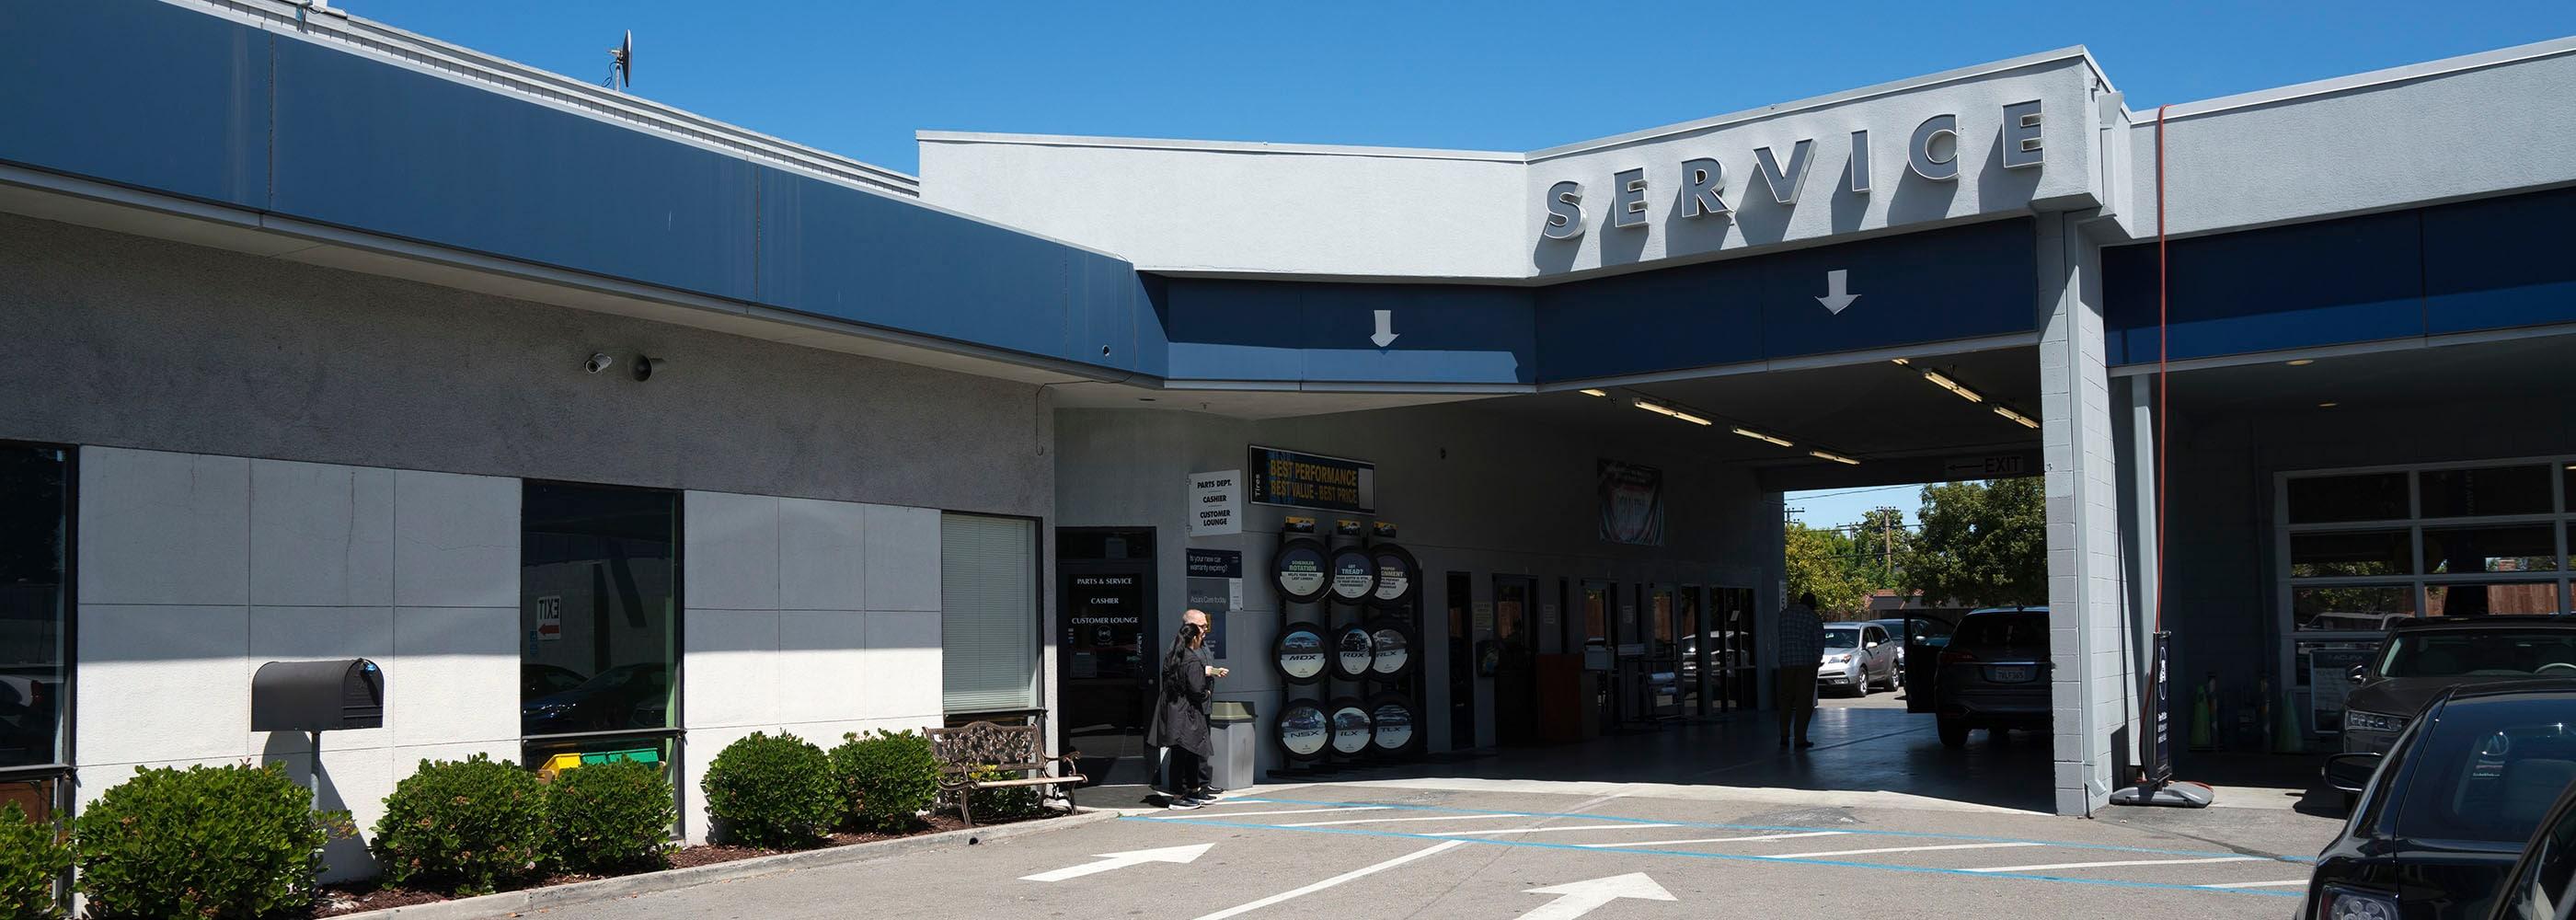 Acura Service Center